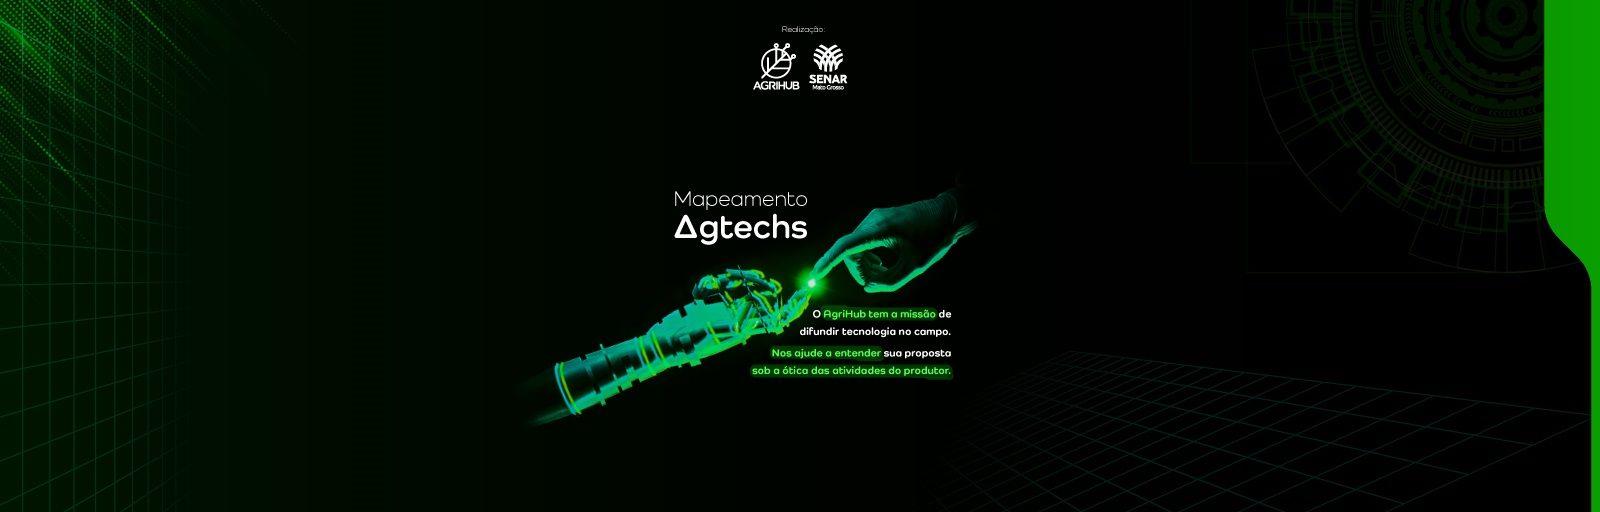 Mapeamento Agtechs AgriHub